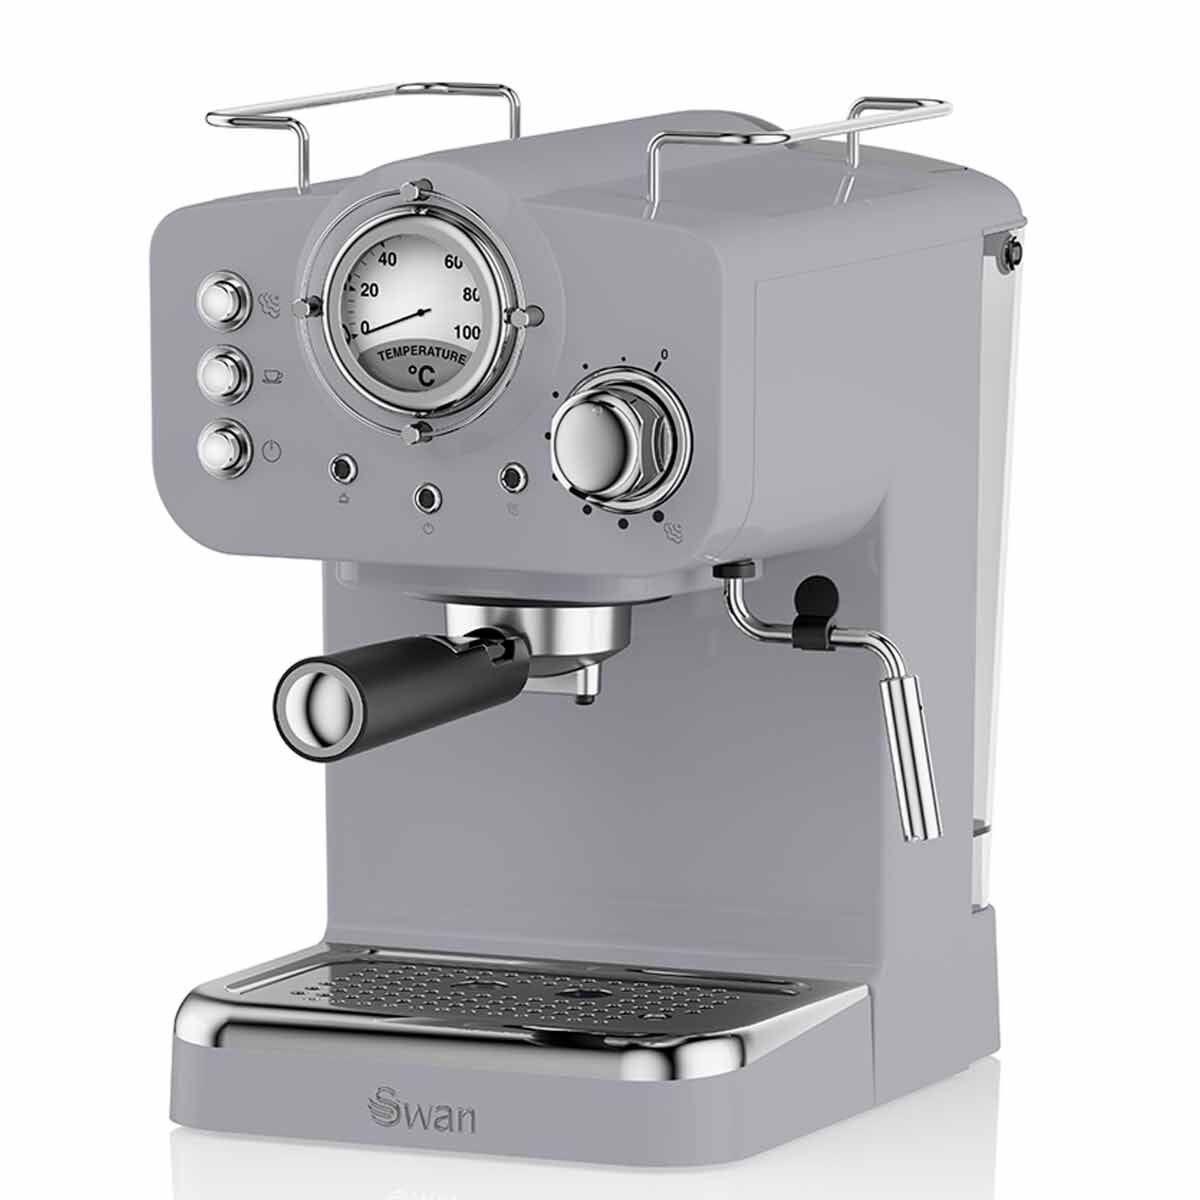 Swan Retro Espresso Coffee Machine